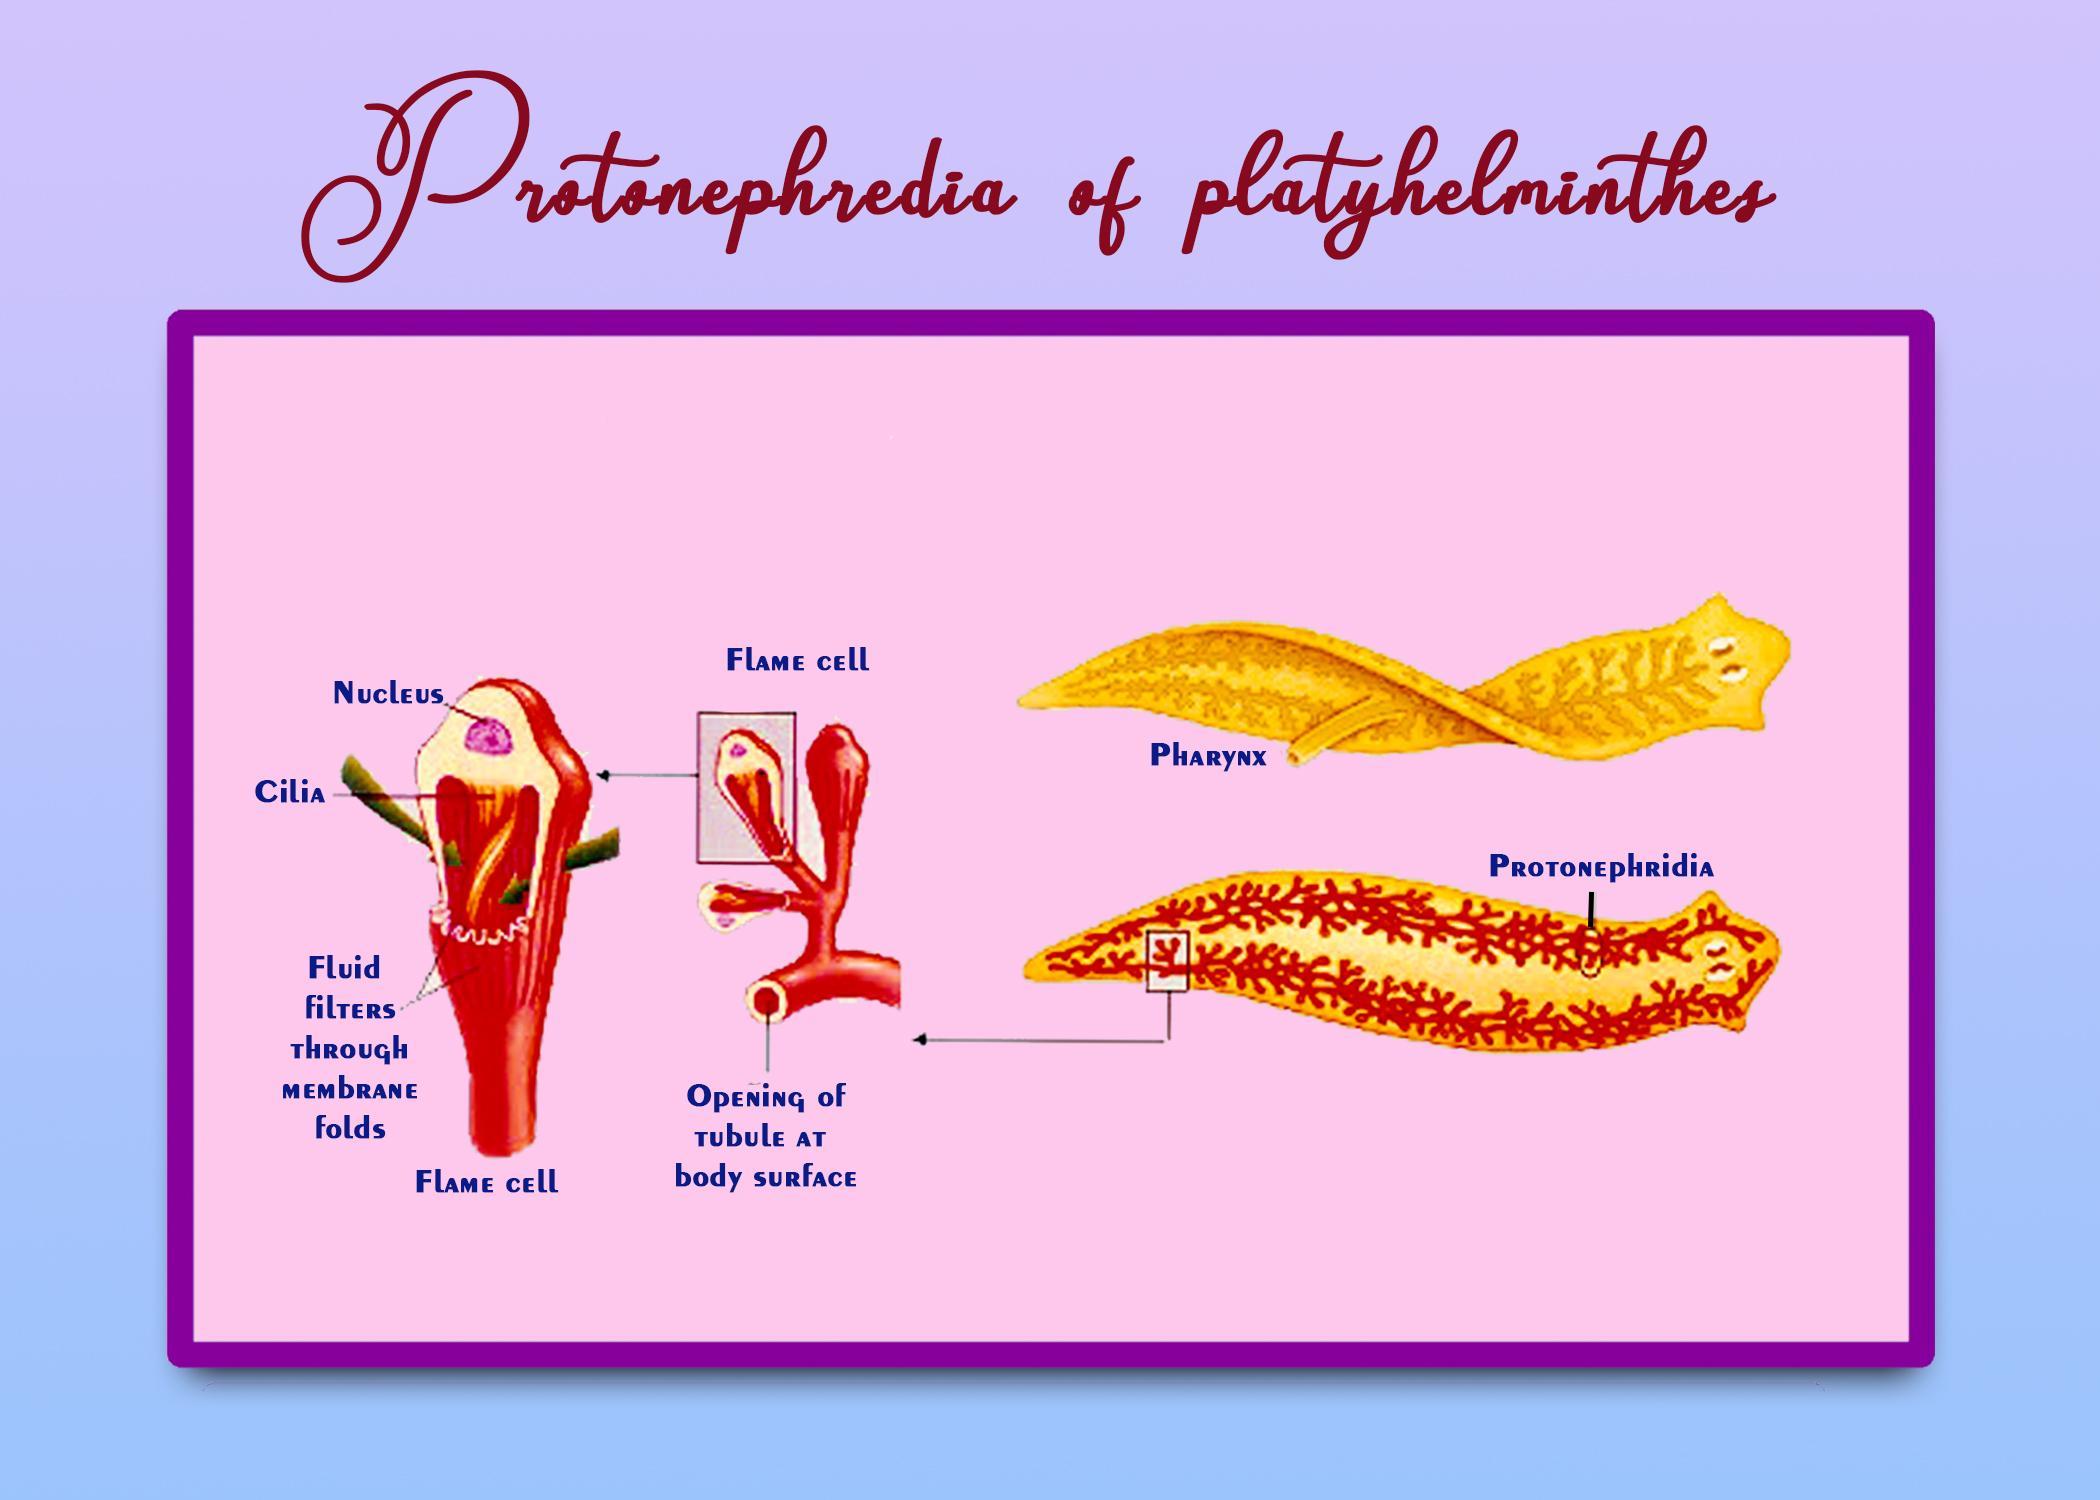 Protonephridia platyhelminthes - dieta-daneza.ro